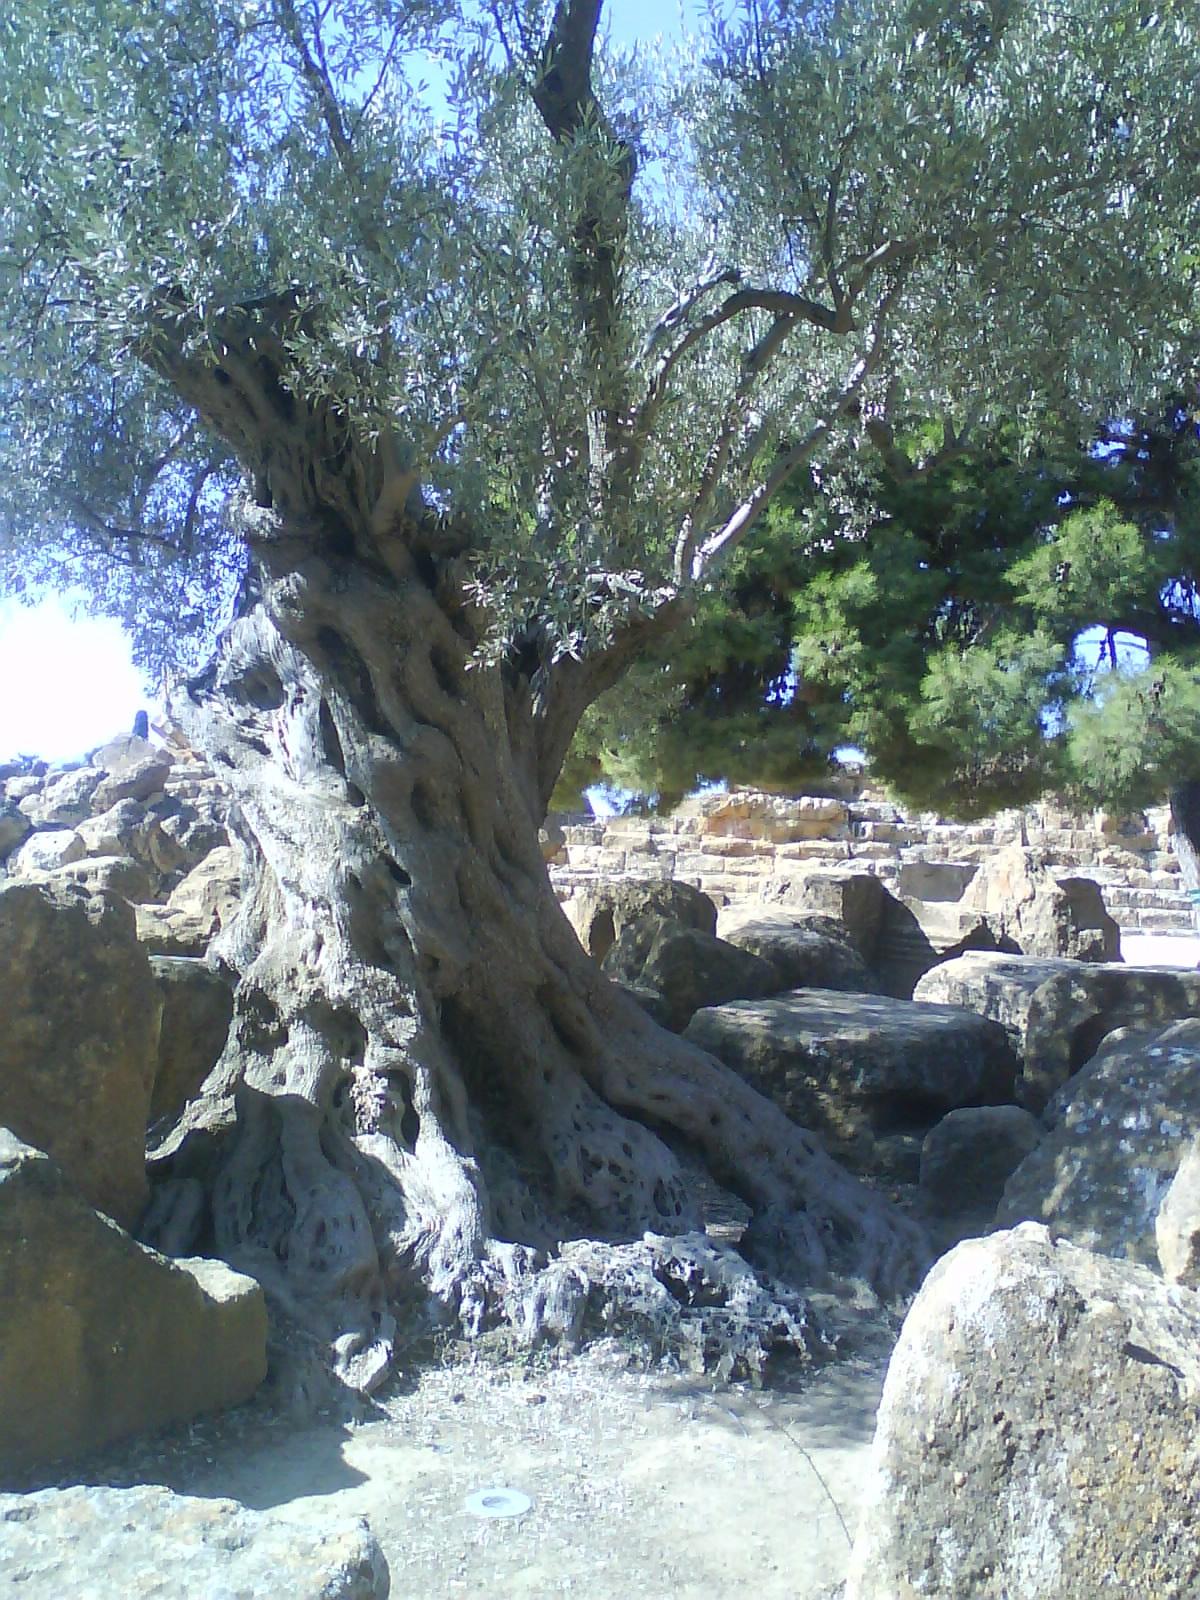 L'olivo e gli antagonisti naturali